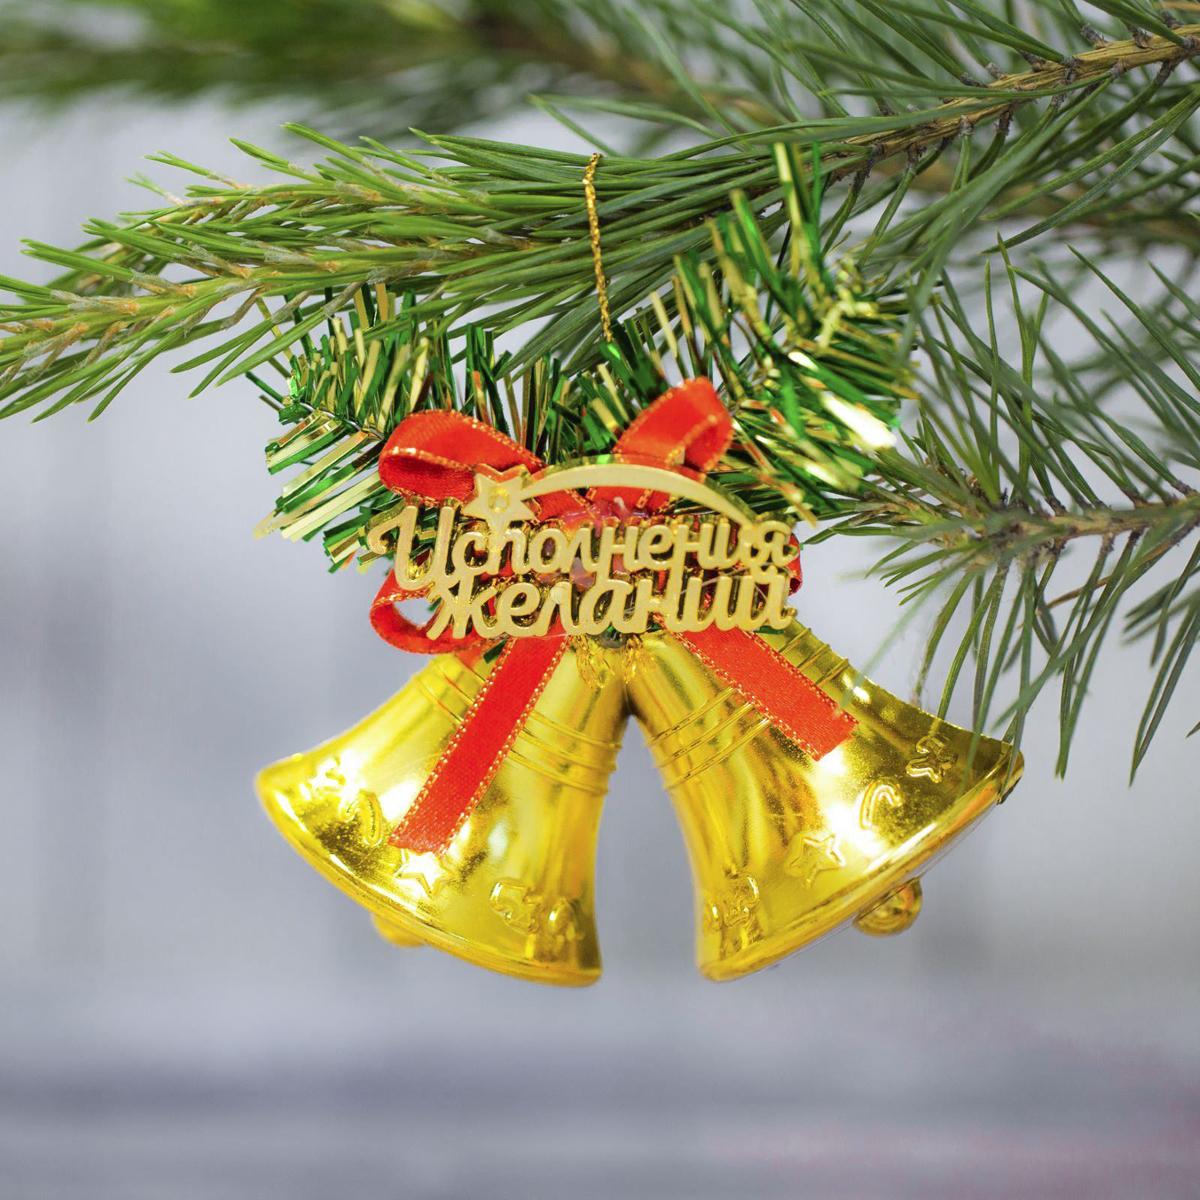 Украшение новогоднее подвесное Sima-land Колокольчик. Исполнения желаний, 9 см х 6 см2306759Новогодние украшения Sima-land изготовлены из пластика. Изделия имеют плотный корпус, поэтому не разобьются при падении.Невозможно представить нашу жизнь без праздников! Новогодние украшения несут в себе волшебство и красоту праздника. Создайте в своем доме атмосферу тепла, веселья и радости, украшая его всей семьей.